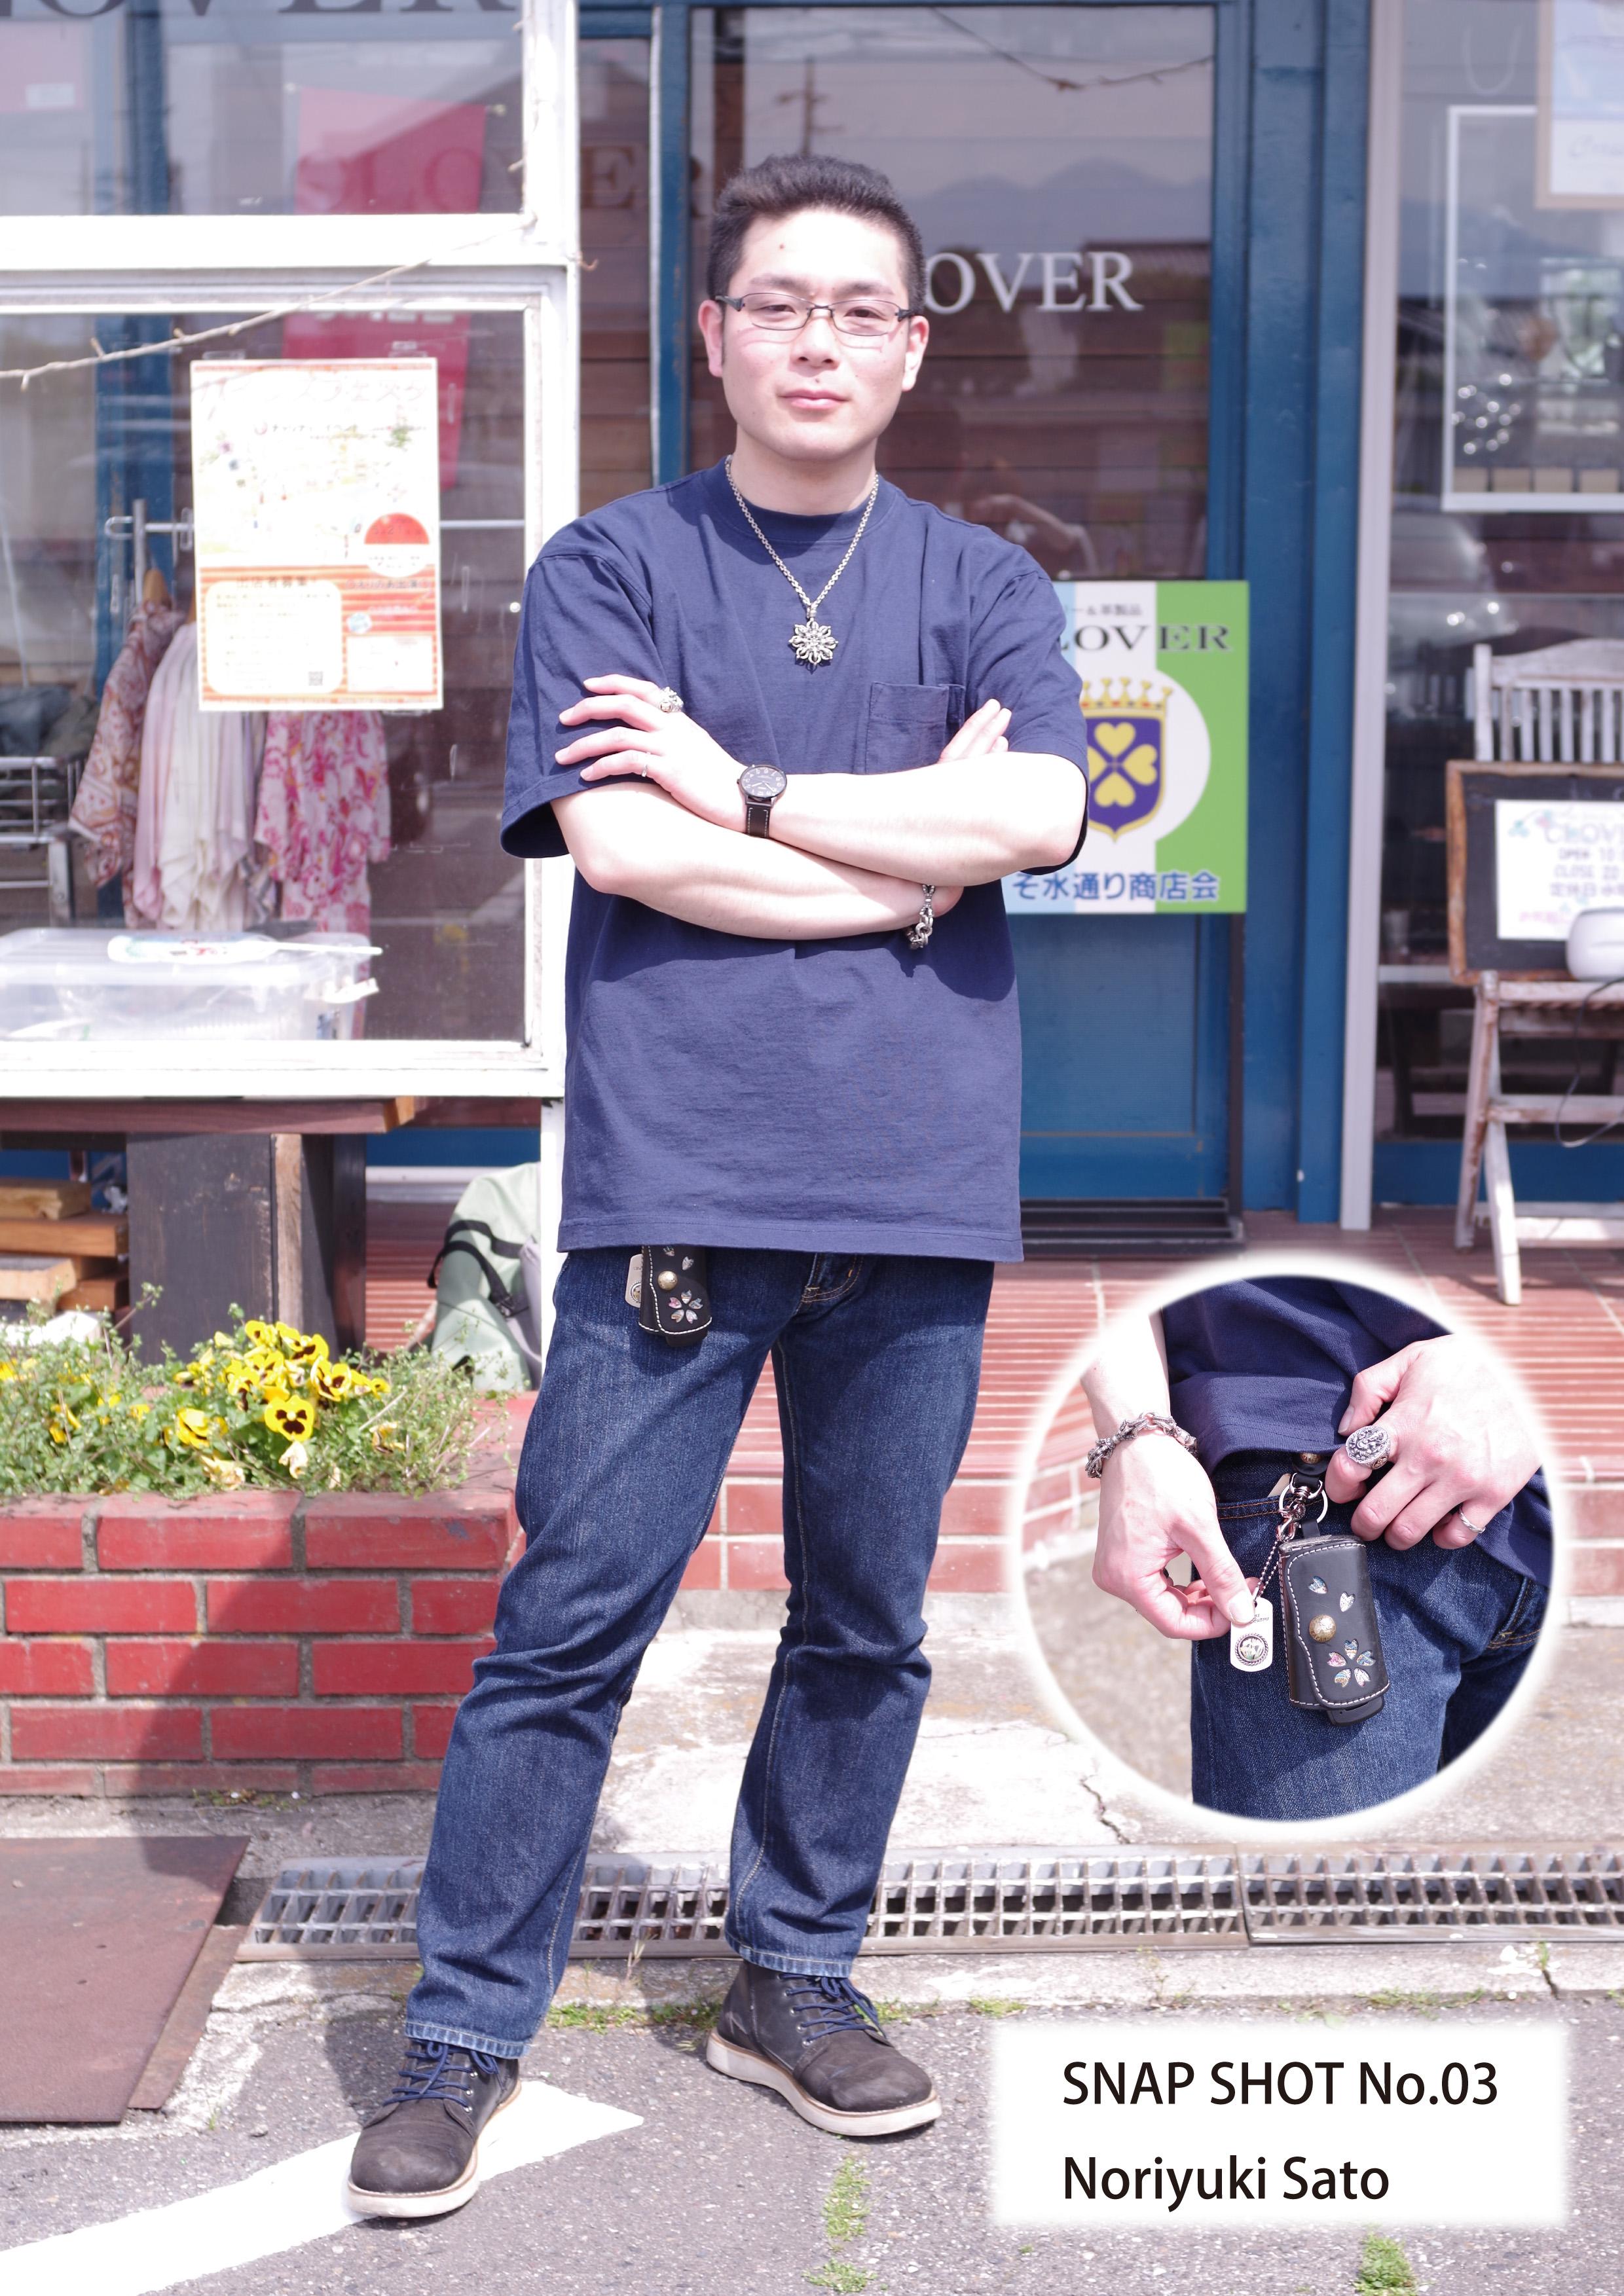 SNAP03 Noriyuki Sato